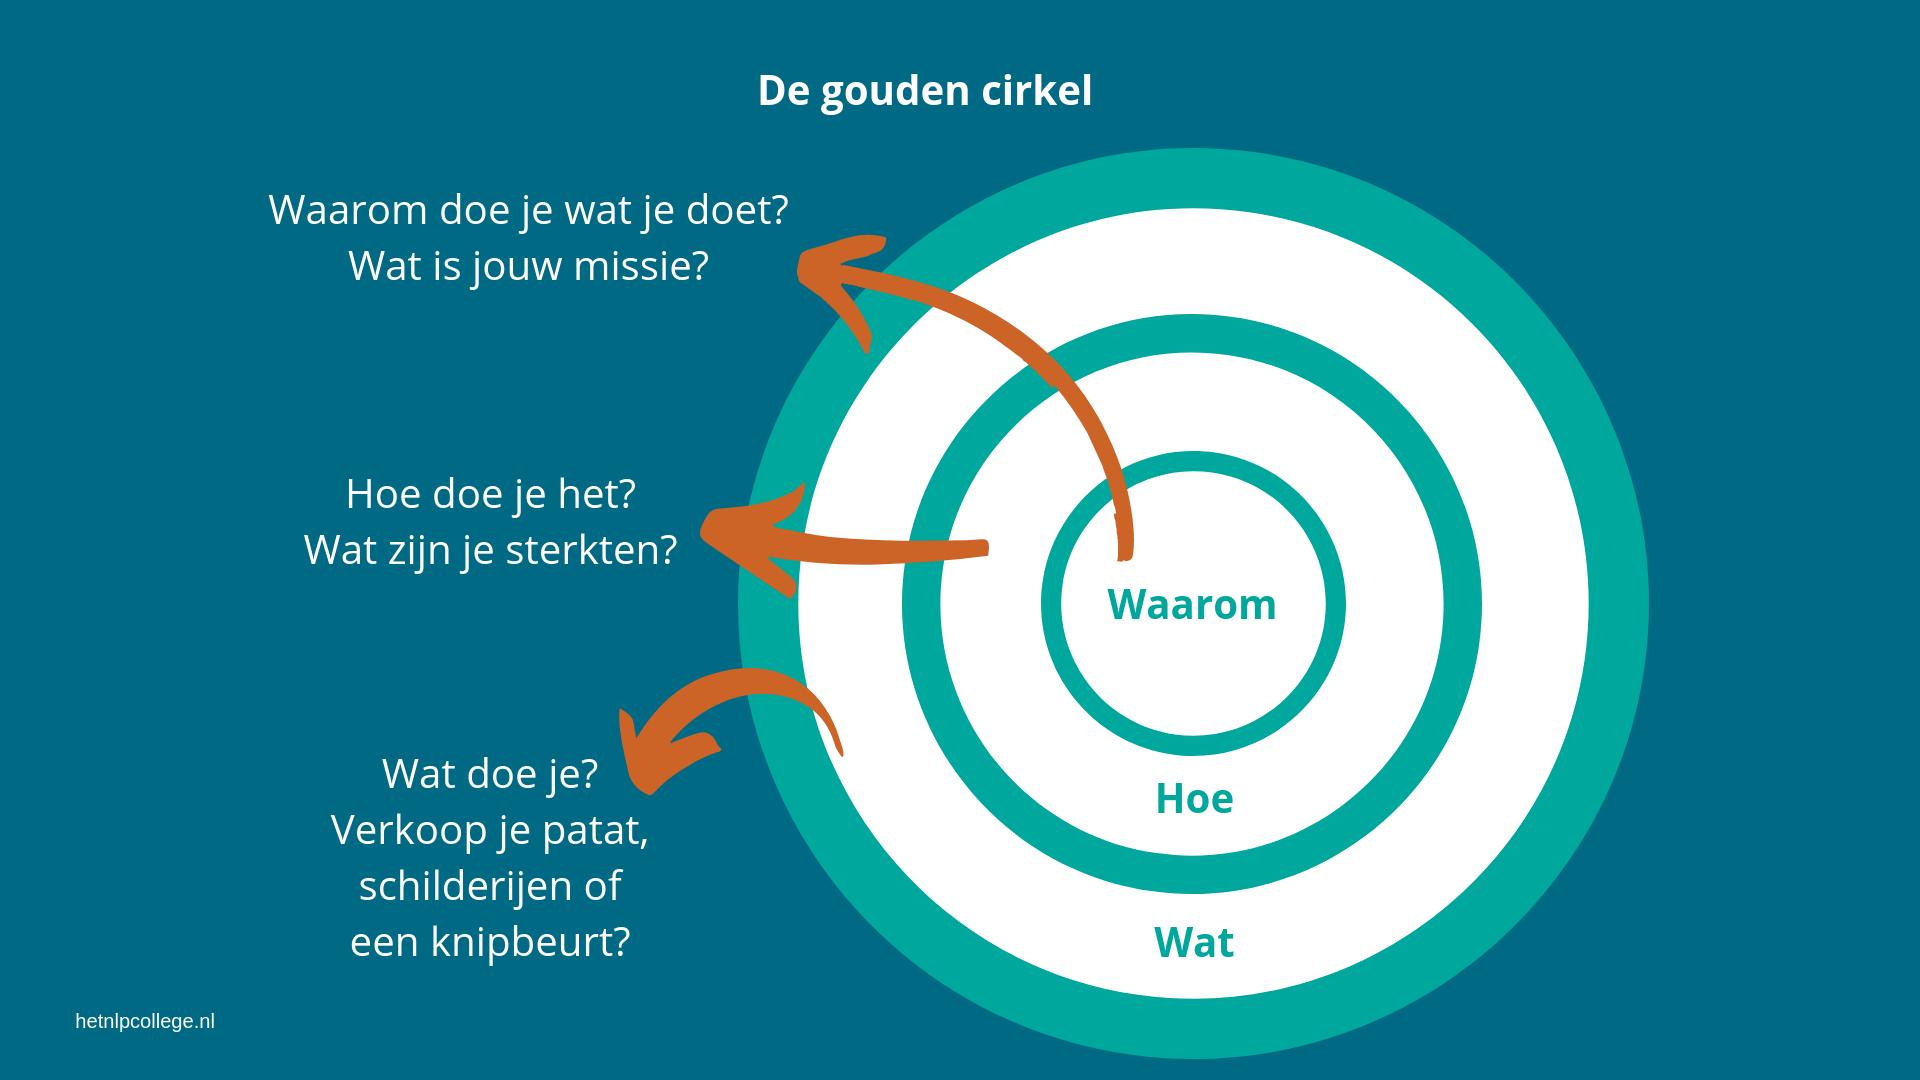 De Gouden Cirkel Van Sinek (De Waarom: Start With Why) [Uitleg]